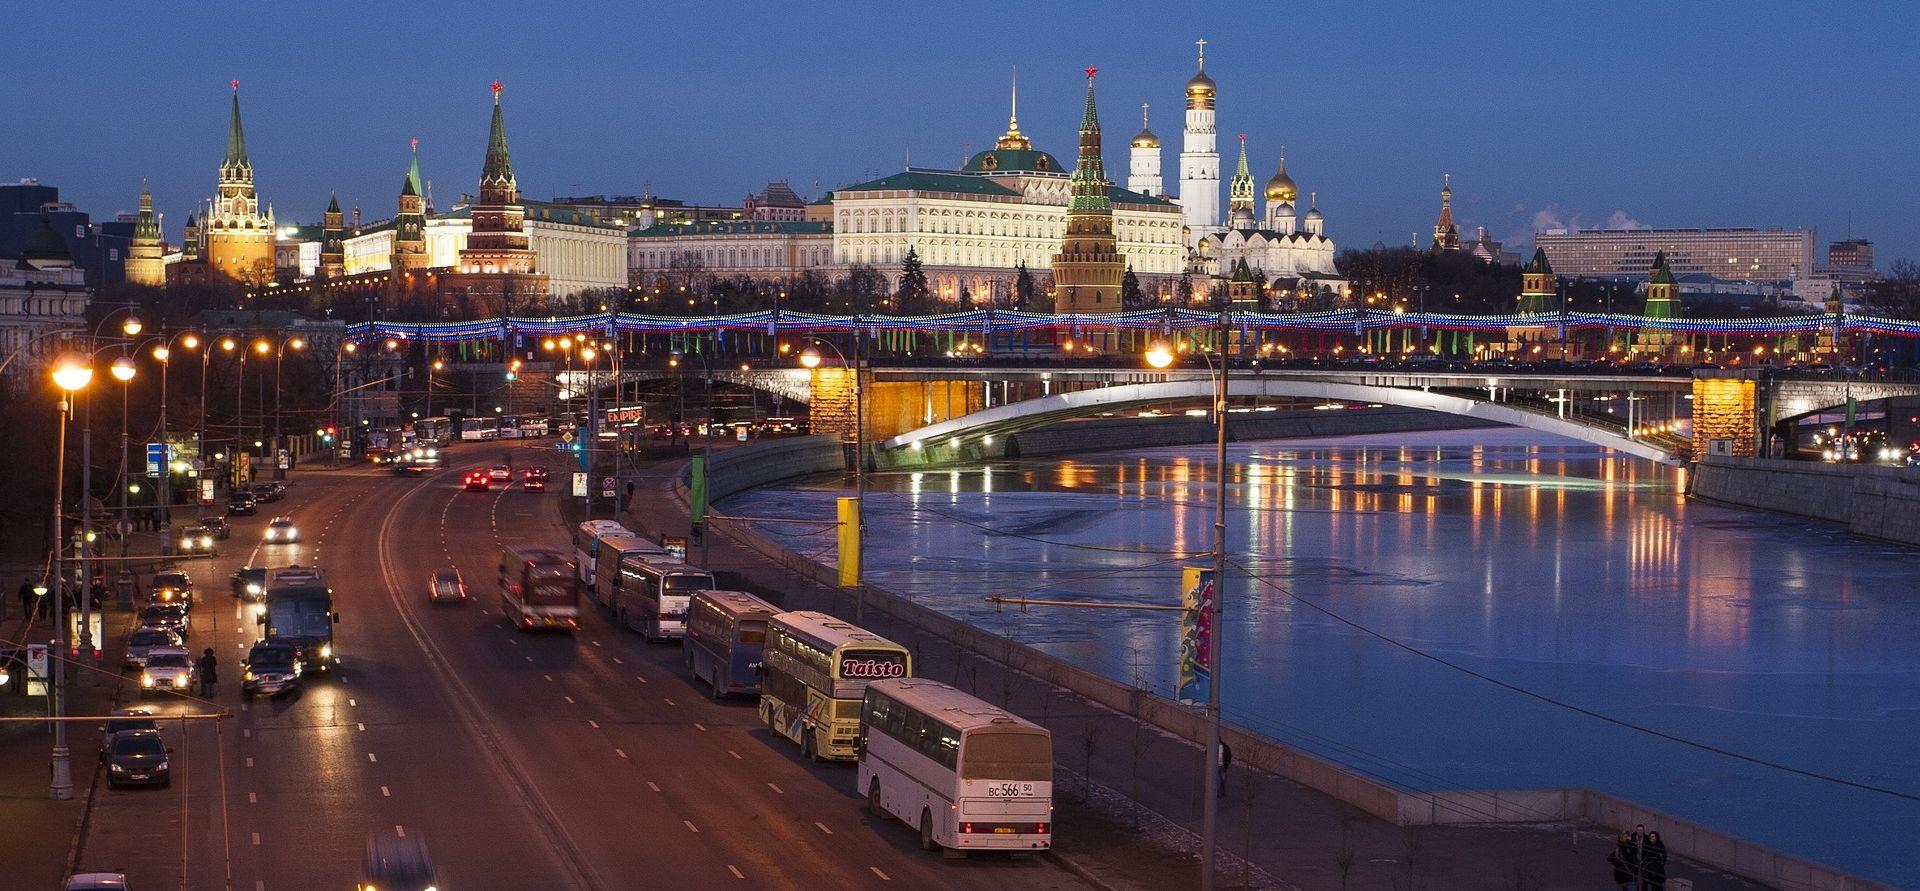 Rusija odvojila 135 milijardi rubalja pomoći za proizvodni sektor gospodarstva